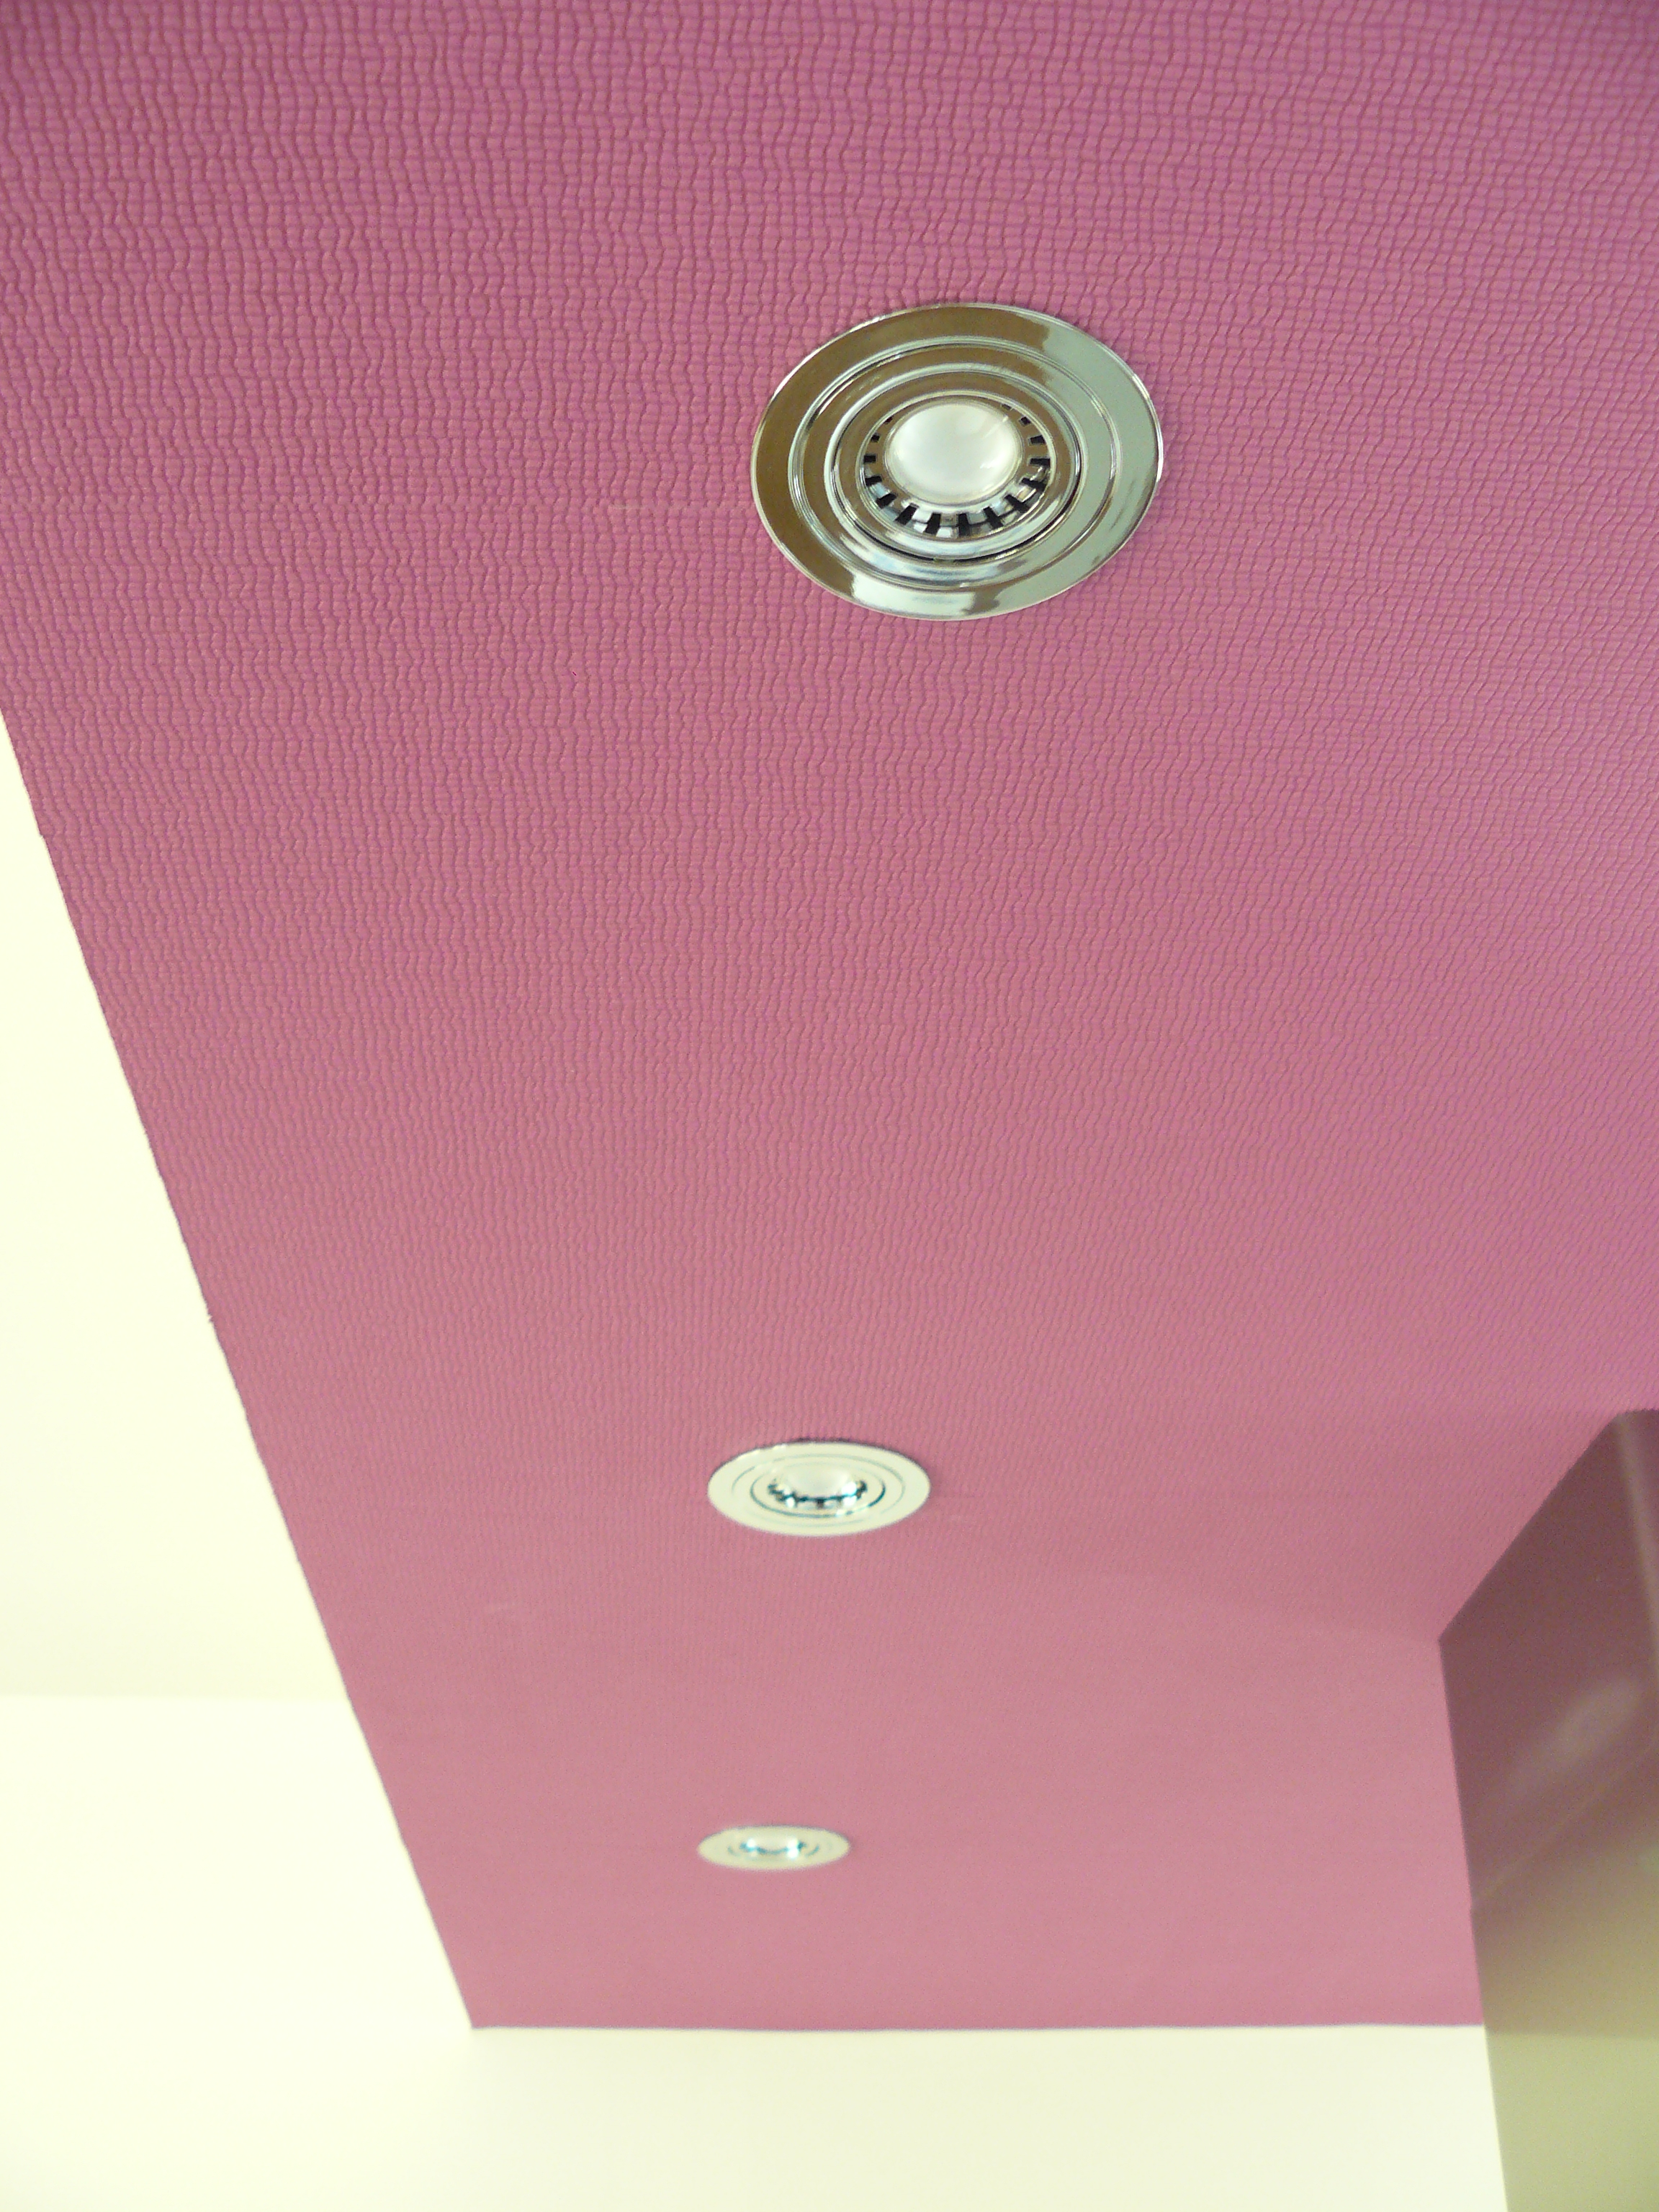 Unterkasten mit LED\'s und Tapete